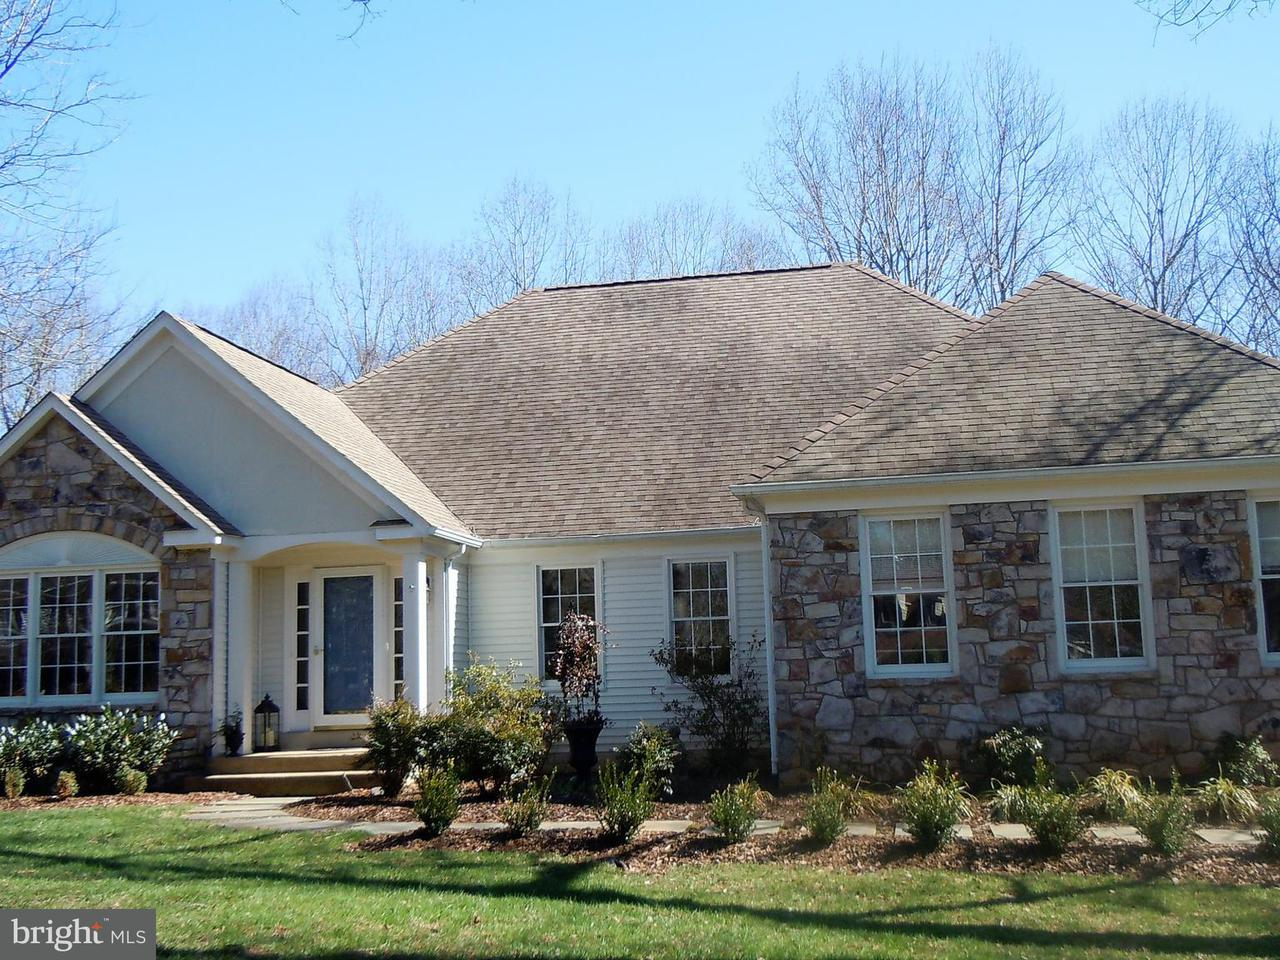 独户住宅 为 销售 在 17308 S Cambridge Way 17308 S Cambridge Way Jeffersonton, 弗吉尼亚州 22724 美国